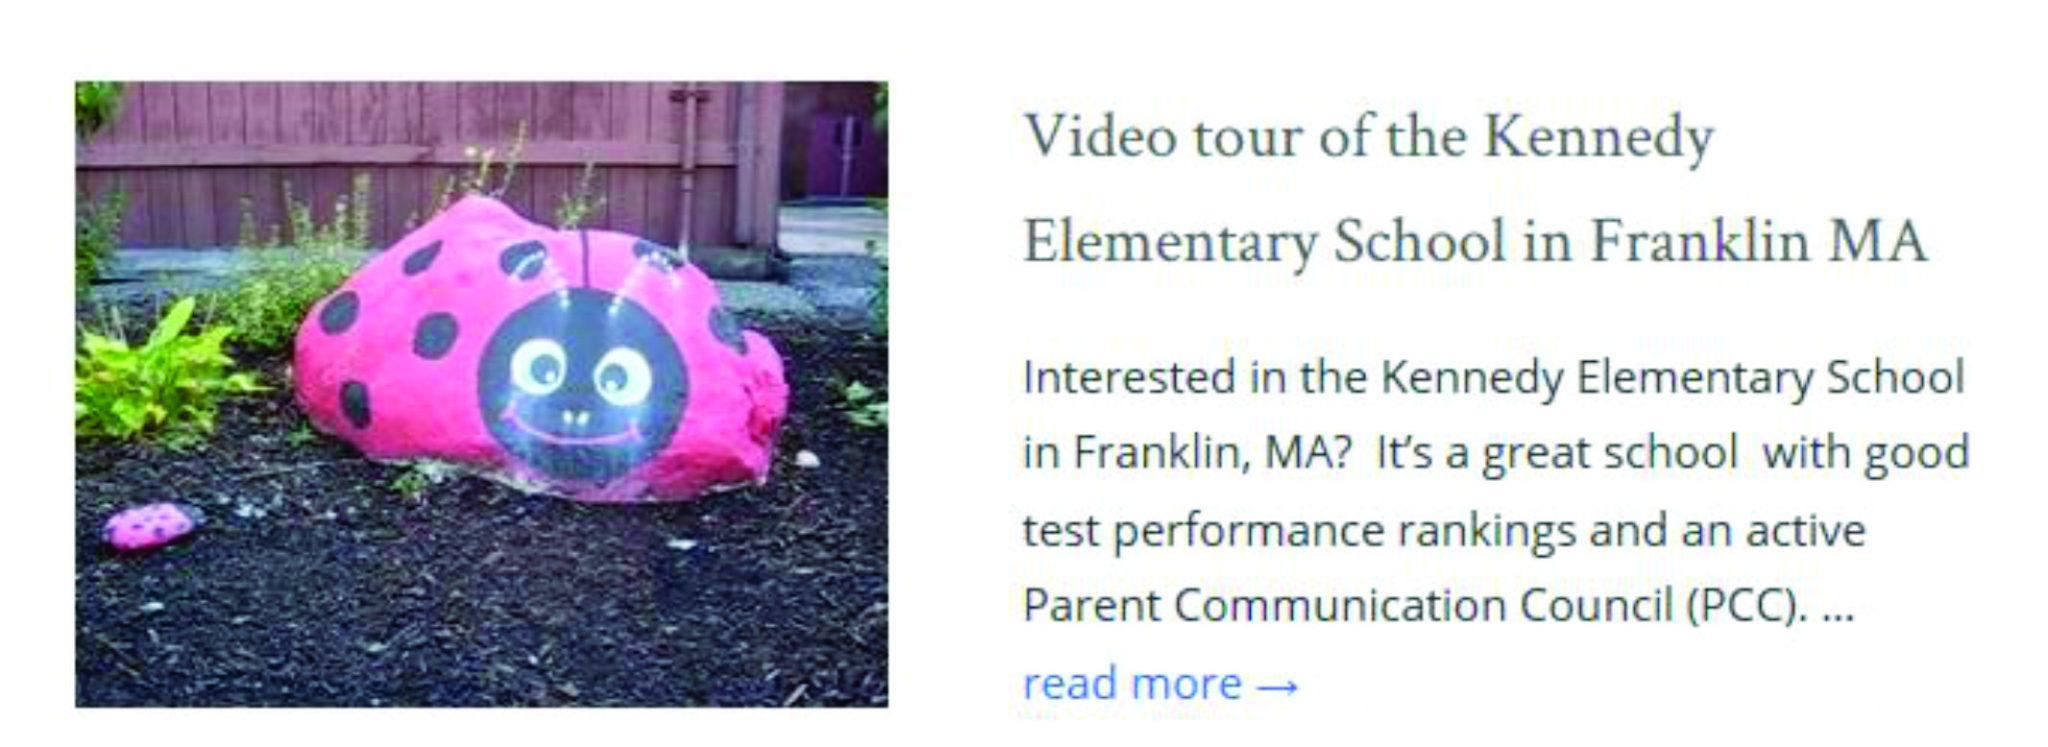 Kennedy Elementary School Franklin MA